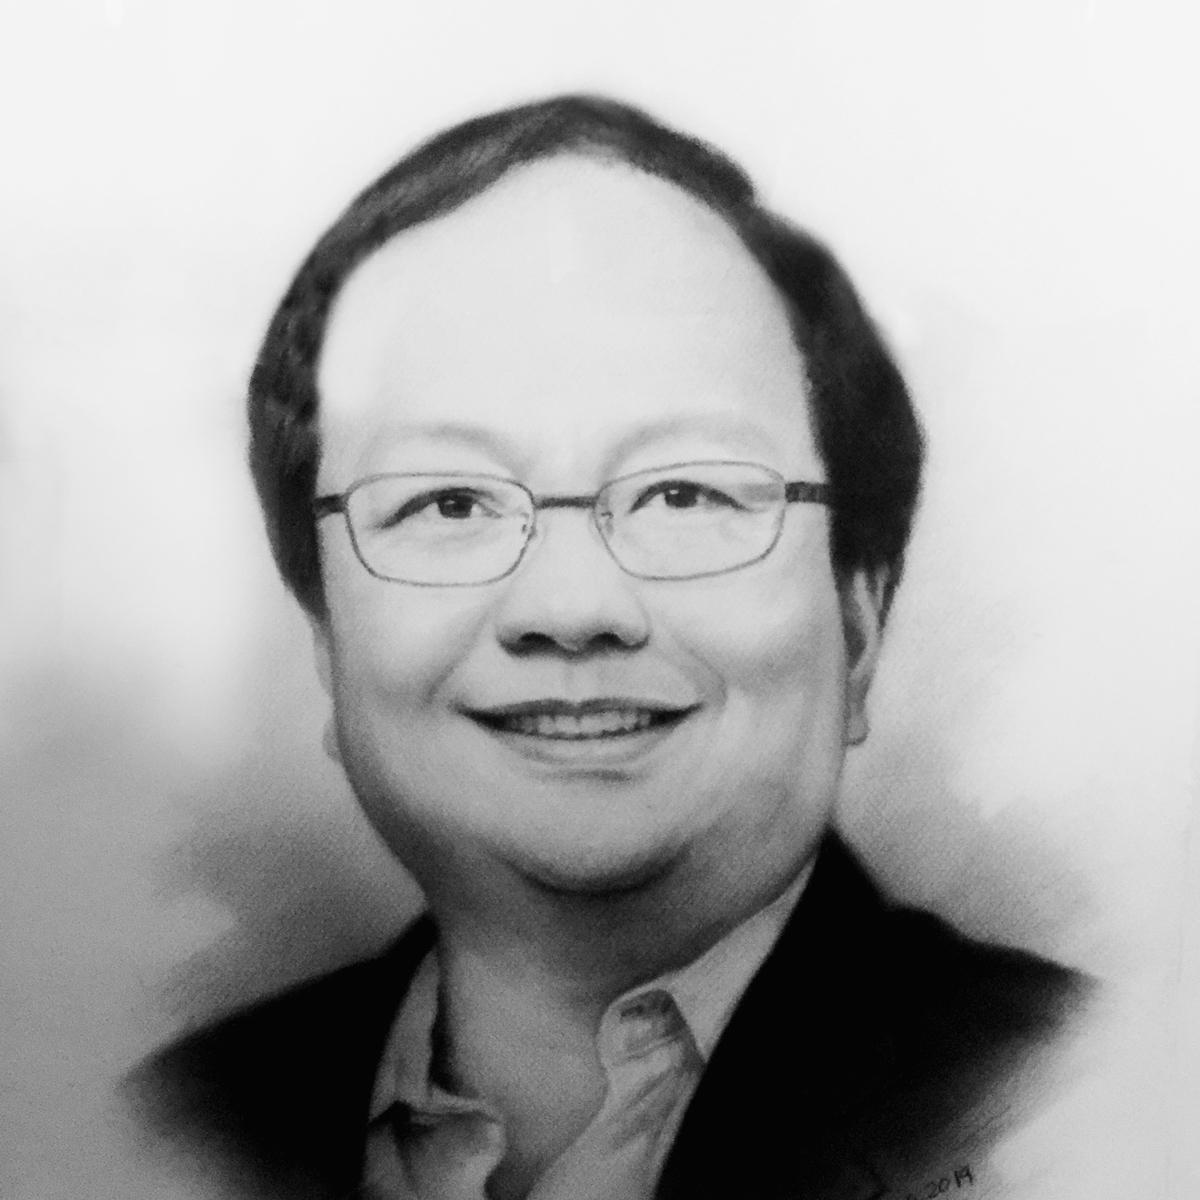 Antonio N. Chiu